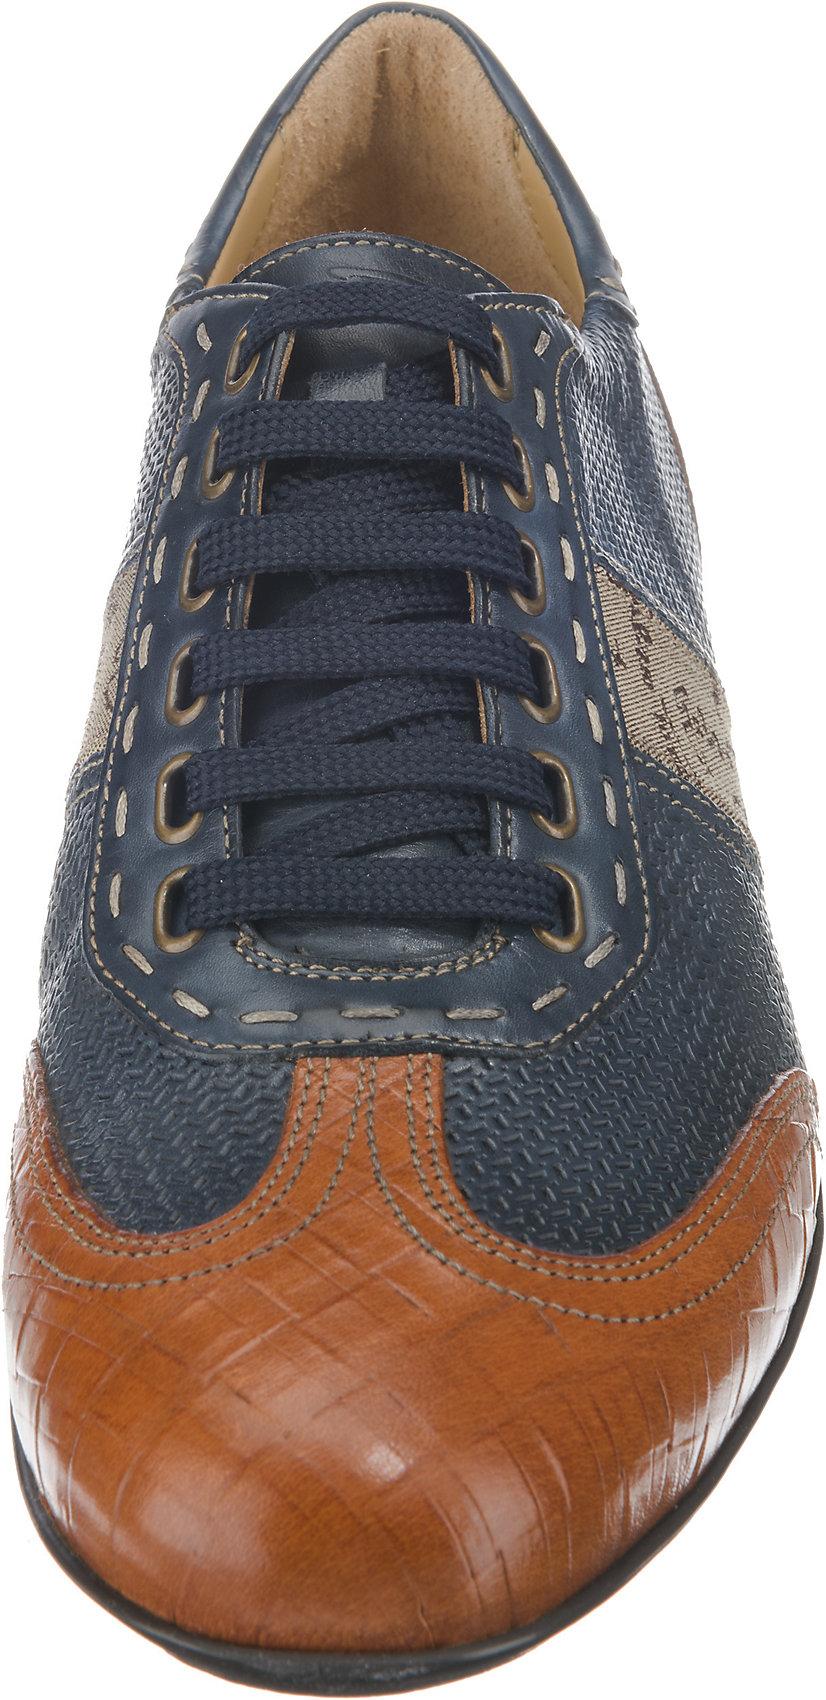 save off c89e0 a56a7 Details zu Neu Galizio Torresi Freizeit Schuhe 5772619 für Herren blau